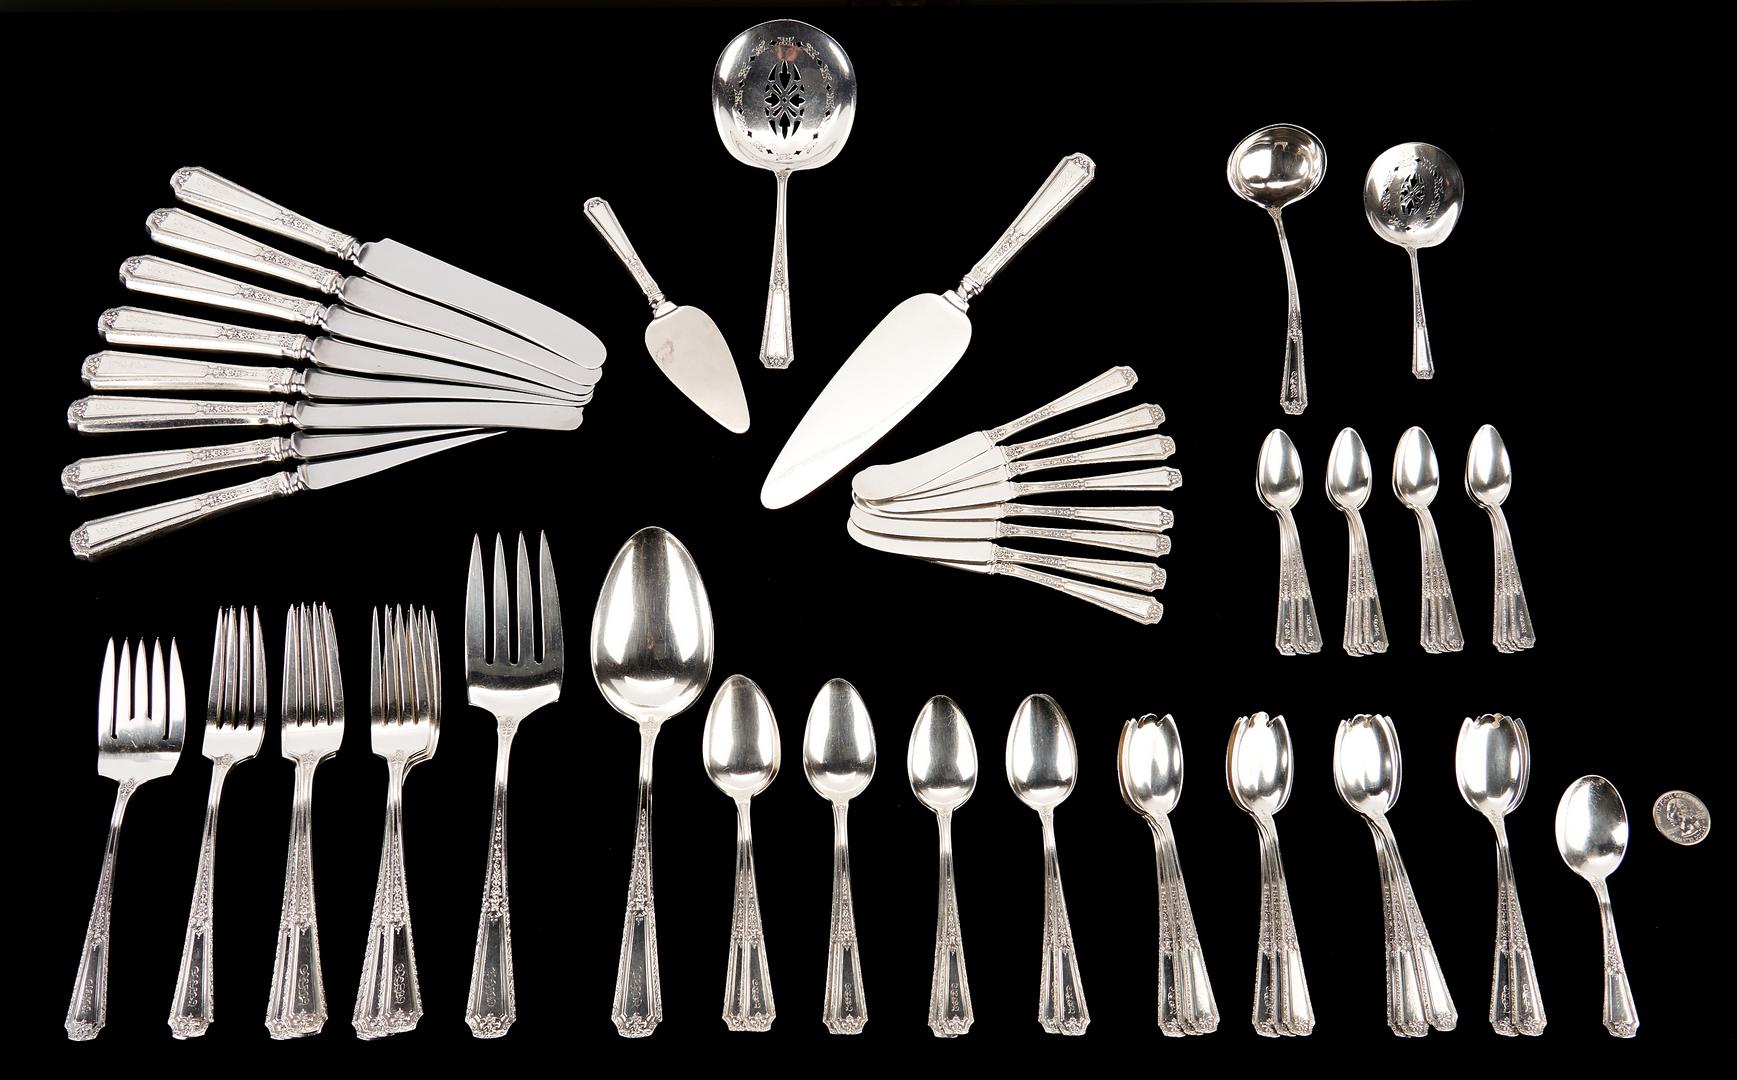 Lot 506: 64 Pcs. Towle Louis XIV Sterling Silver Flatware